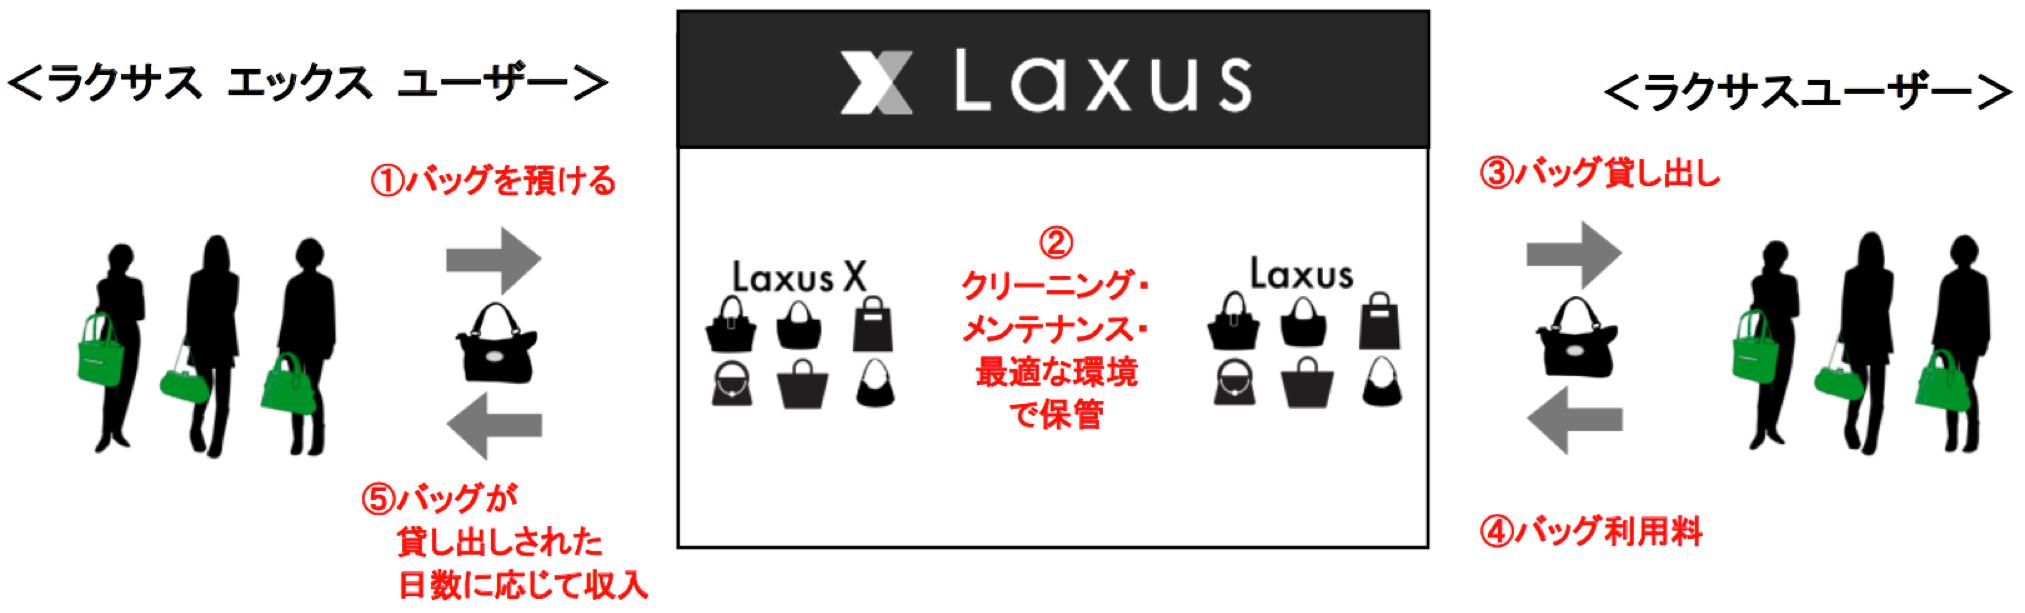 ラクサスとラクサスXの仕組み